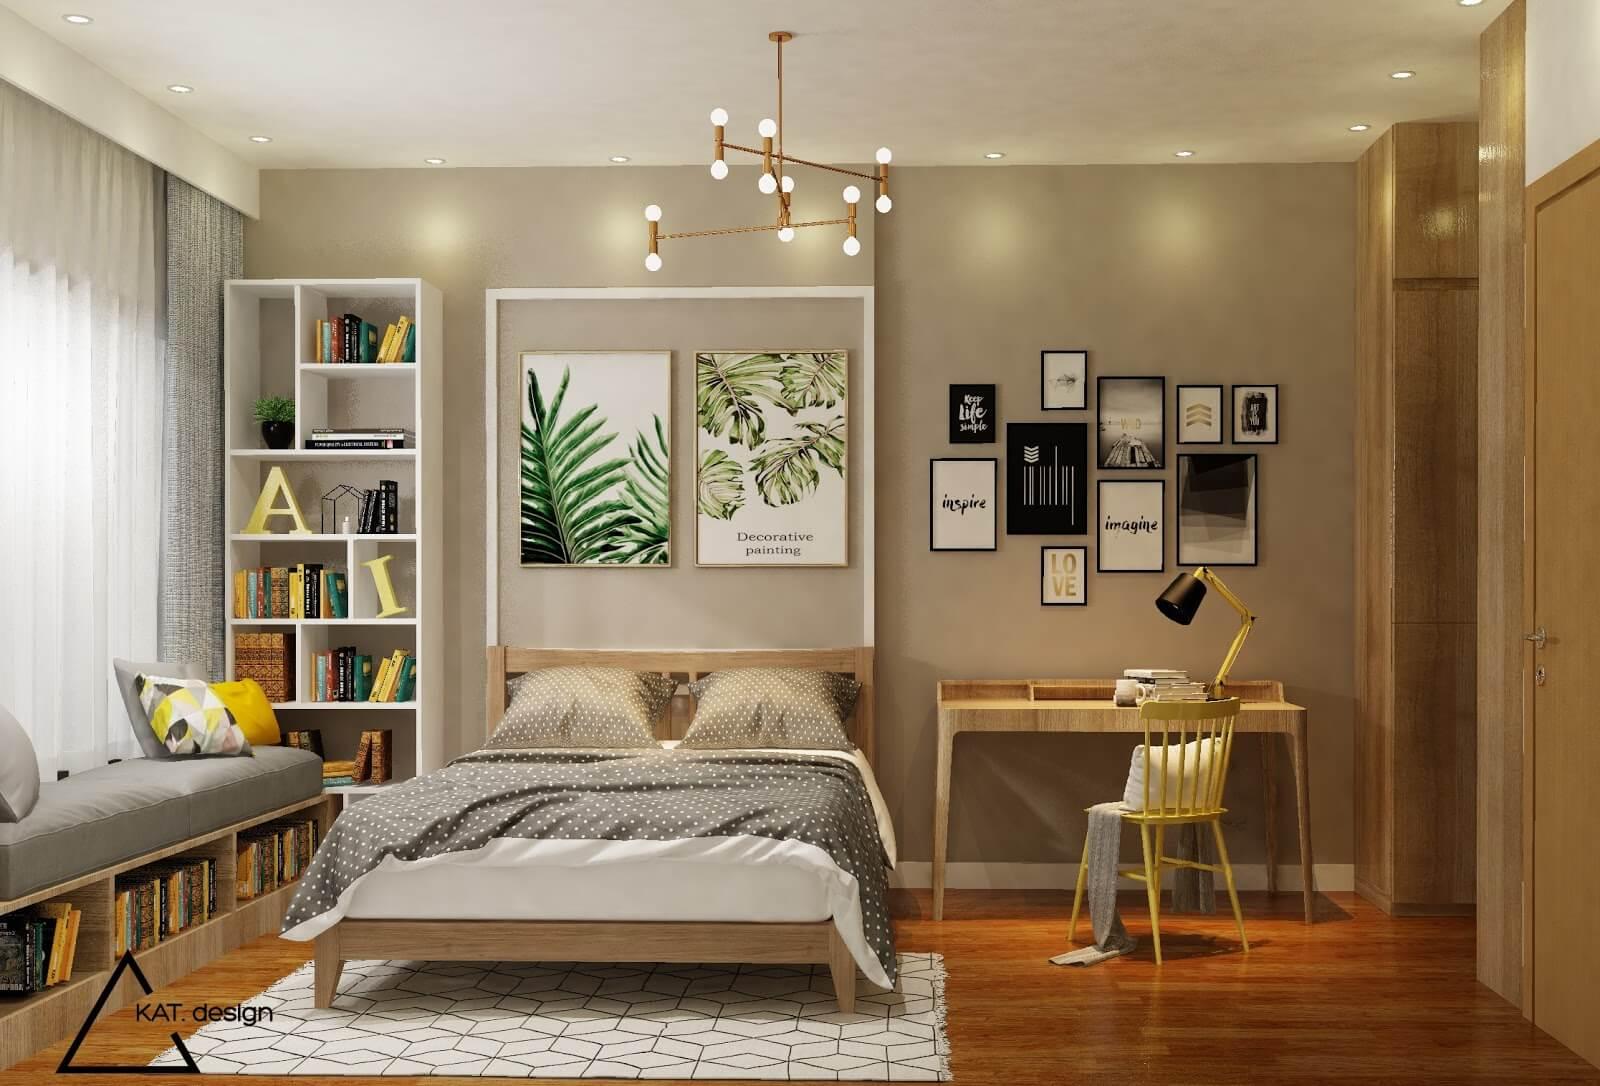 mẫu phong cách tropical trong thiết kế nội thất